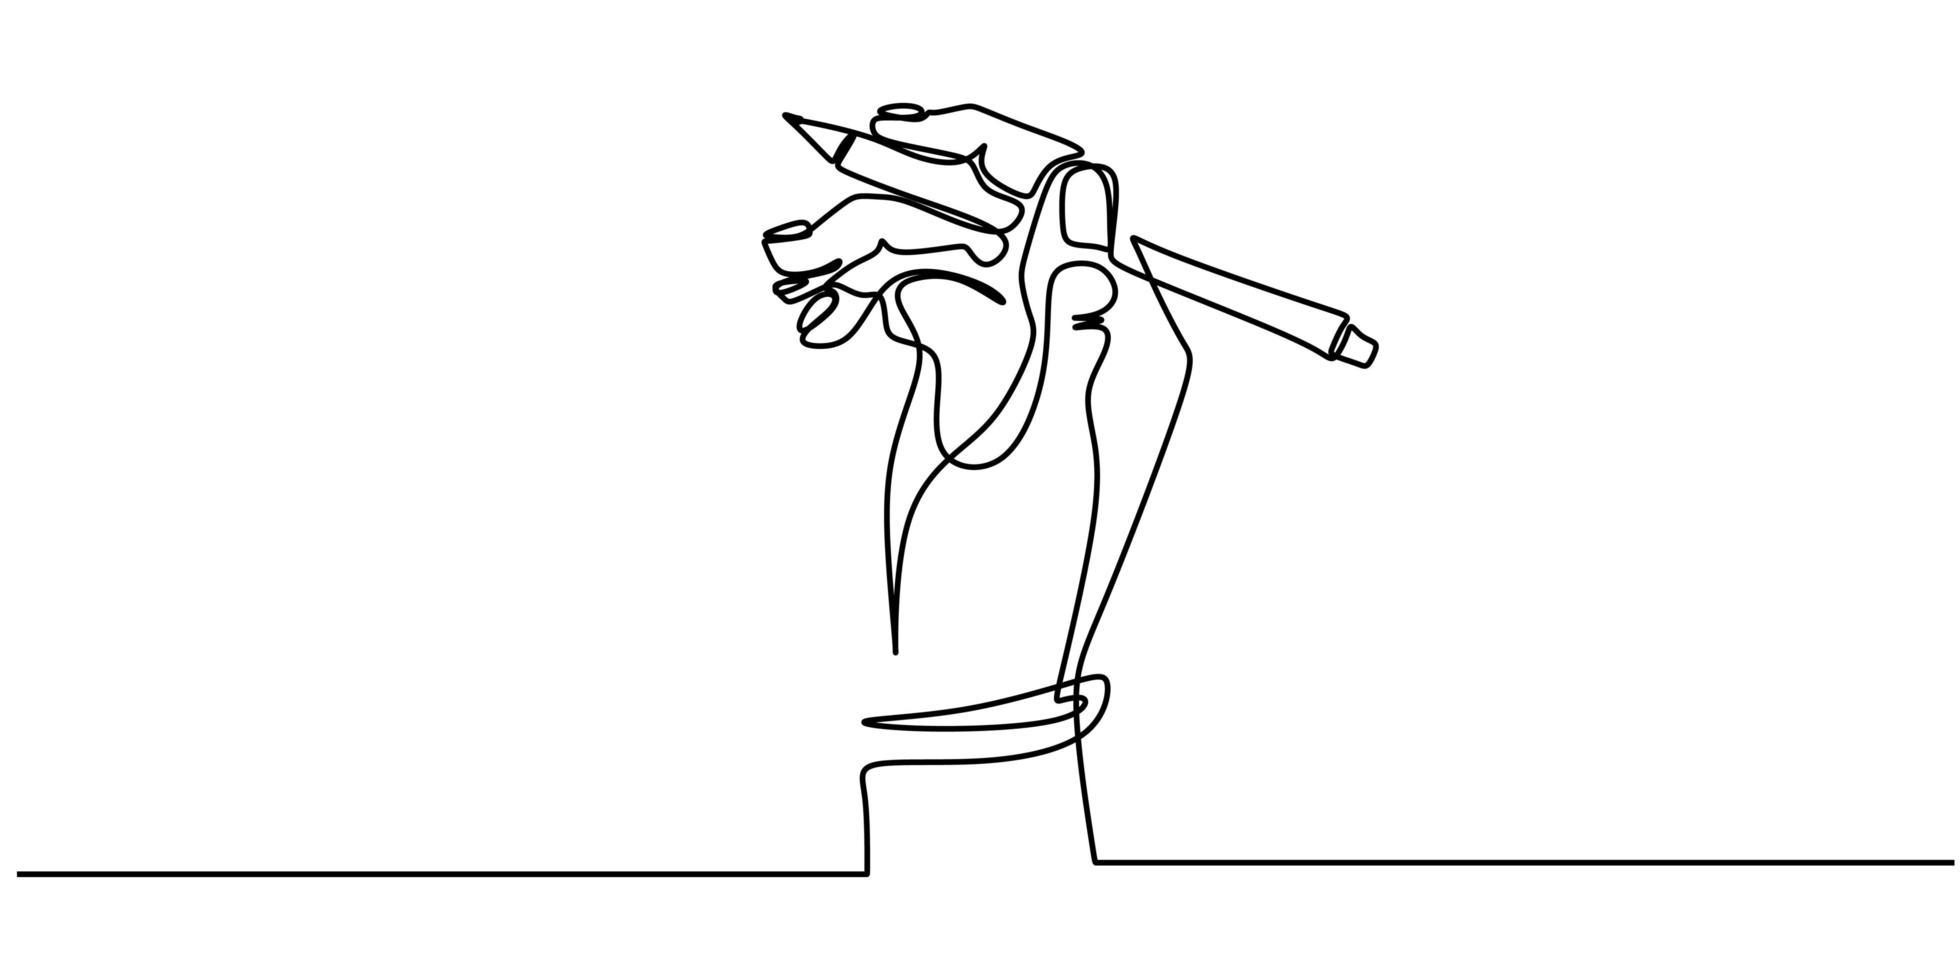 een lijntekening van hand met een pen die op papier schrijft. minimalisme doorlopende schets vectorillustratie, eenvoud ontwerpstijl. vector